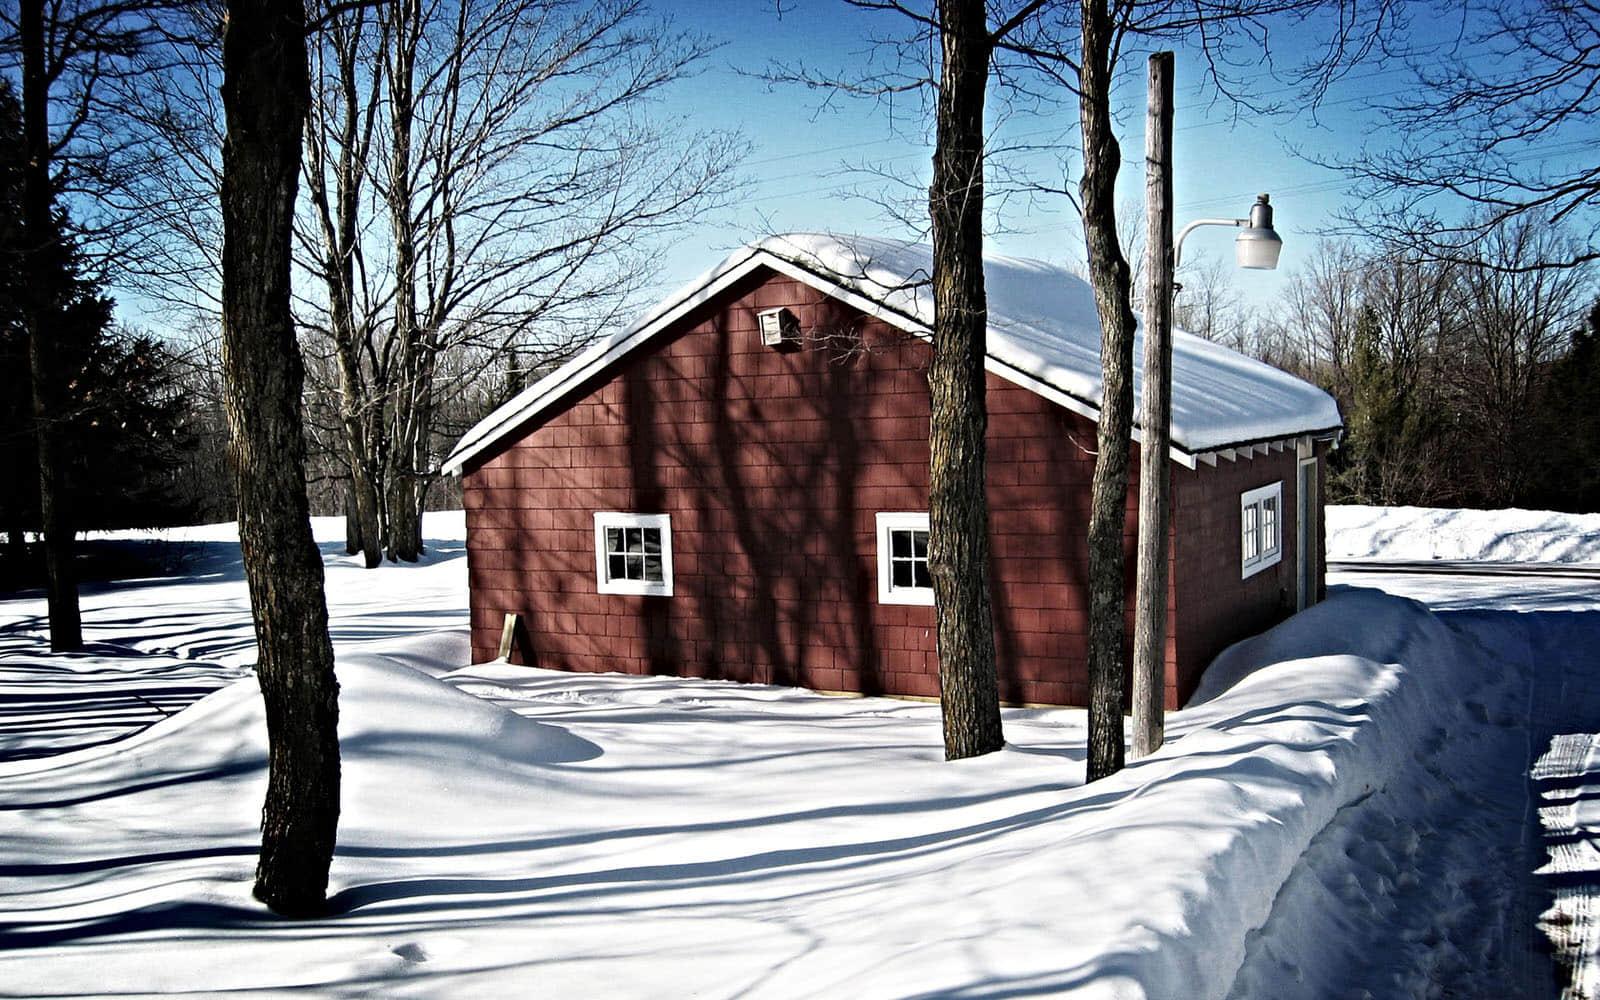 屋顶积雪的红色车库高清壁纸